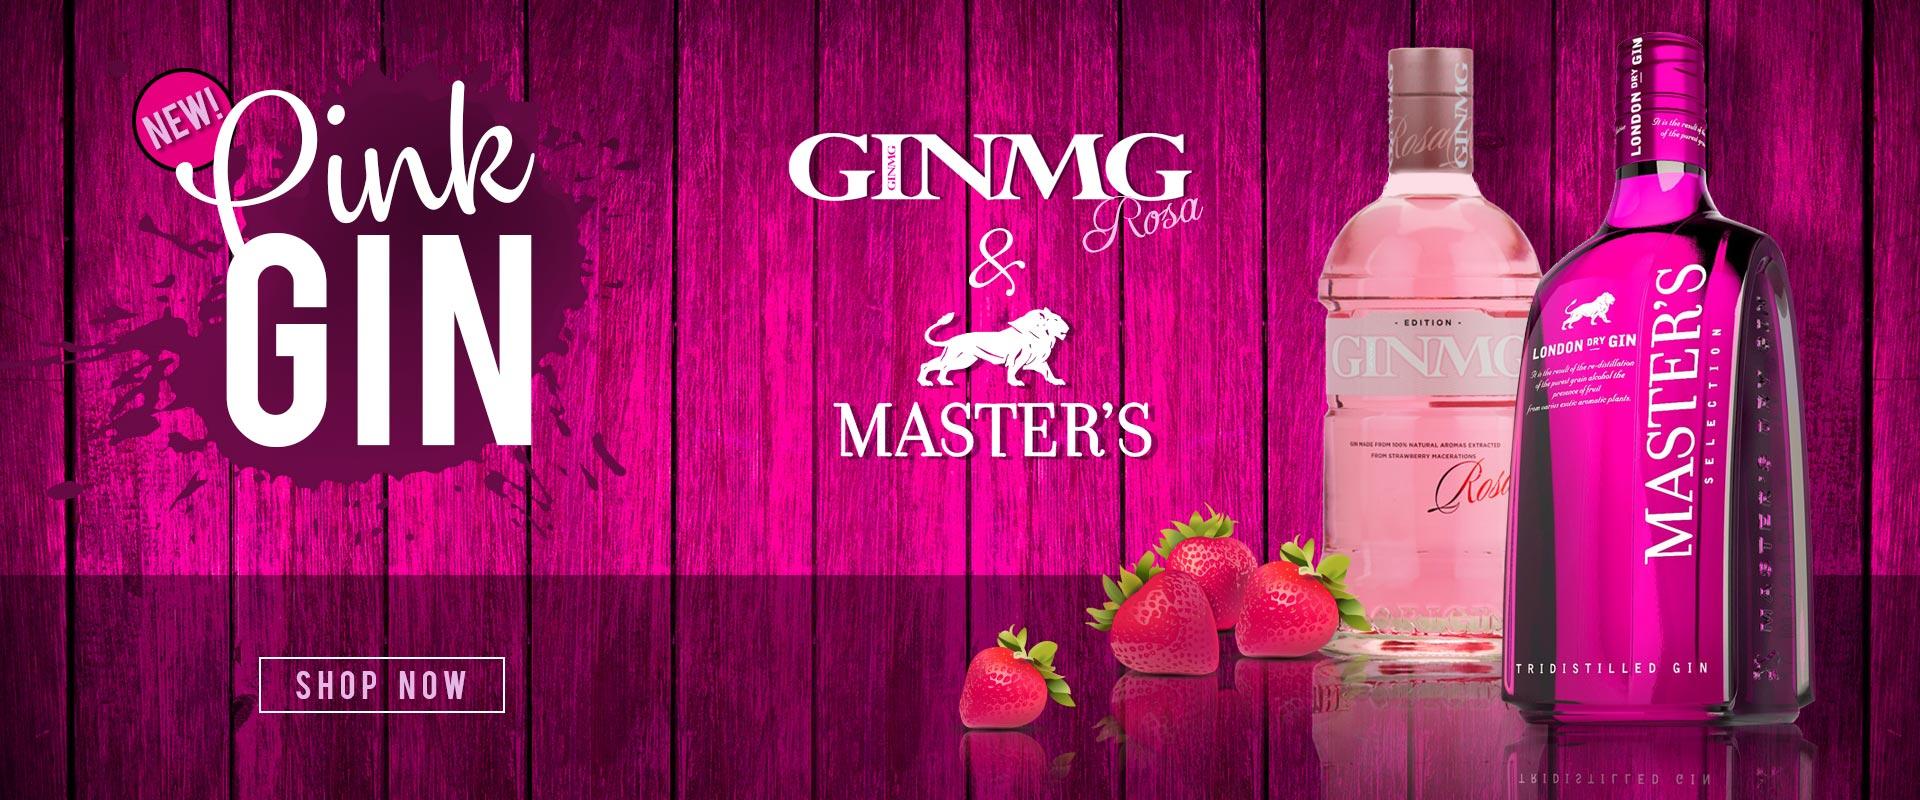 Pink Gin - MG & Masters